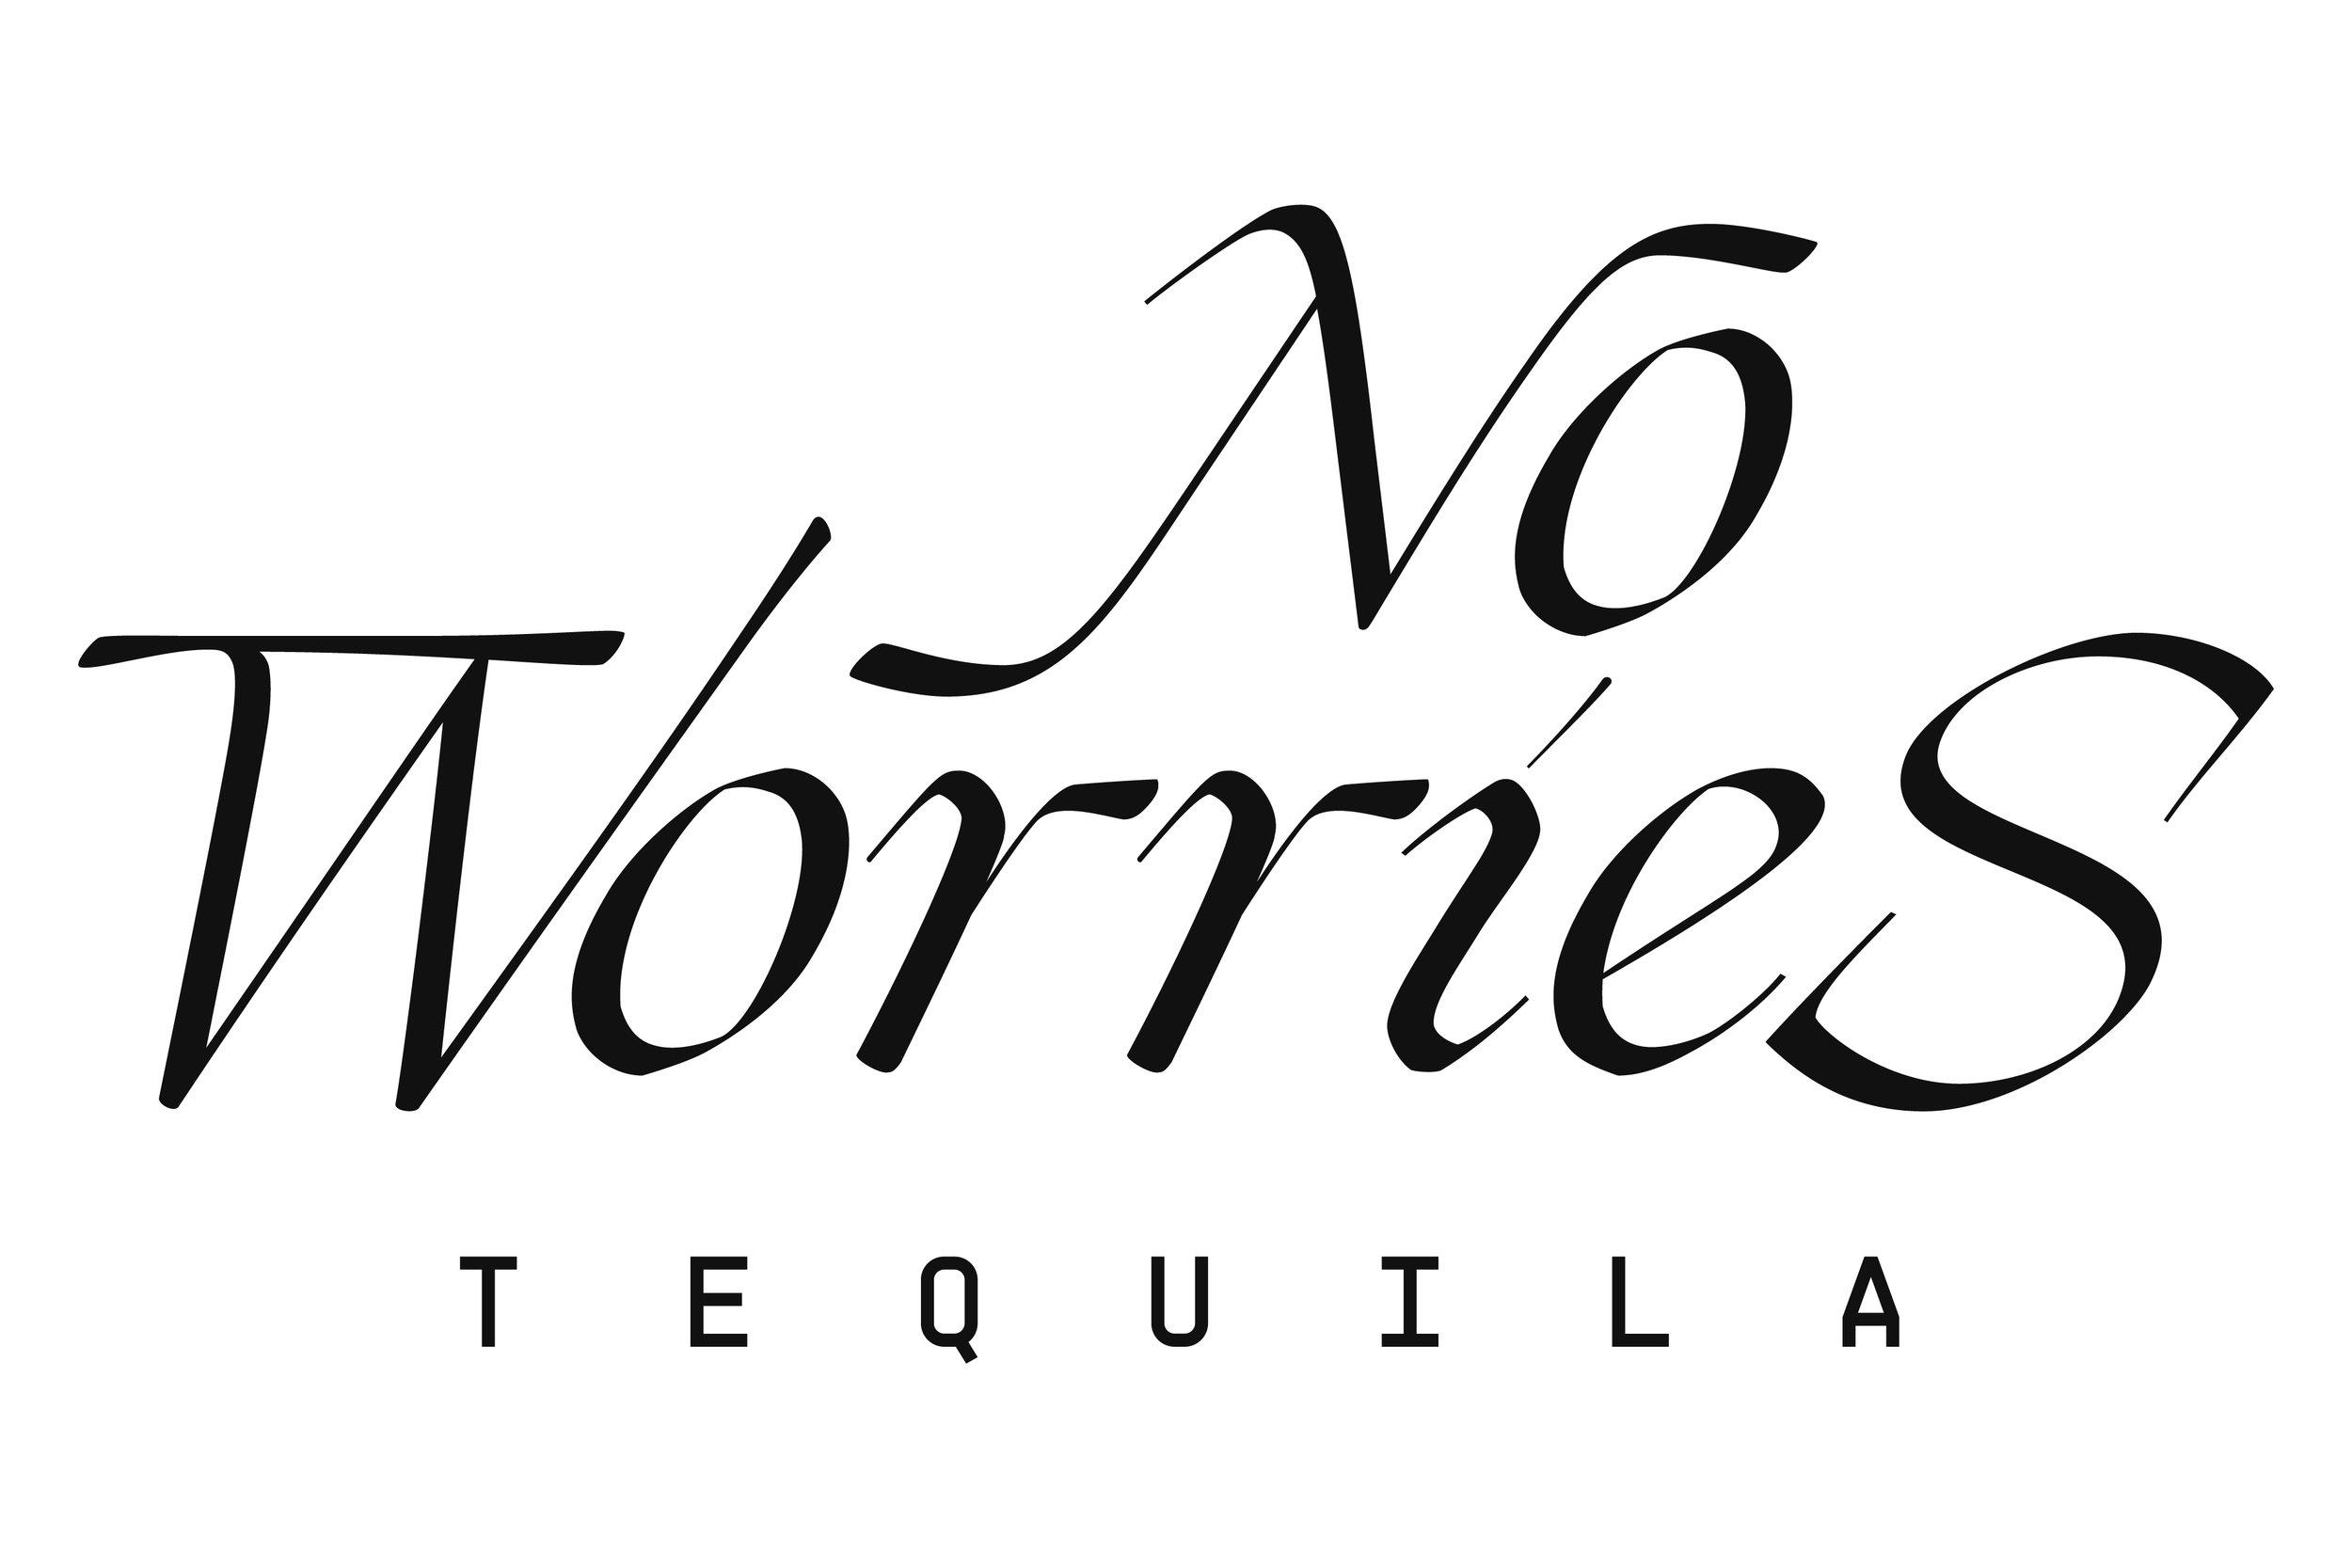 NoWorries_logos-01.jpg